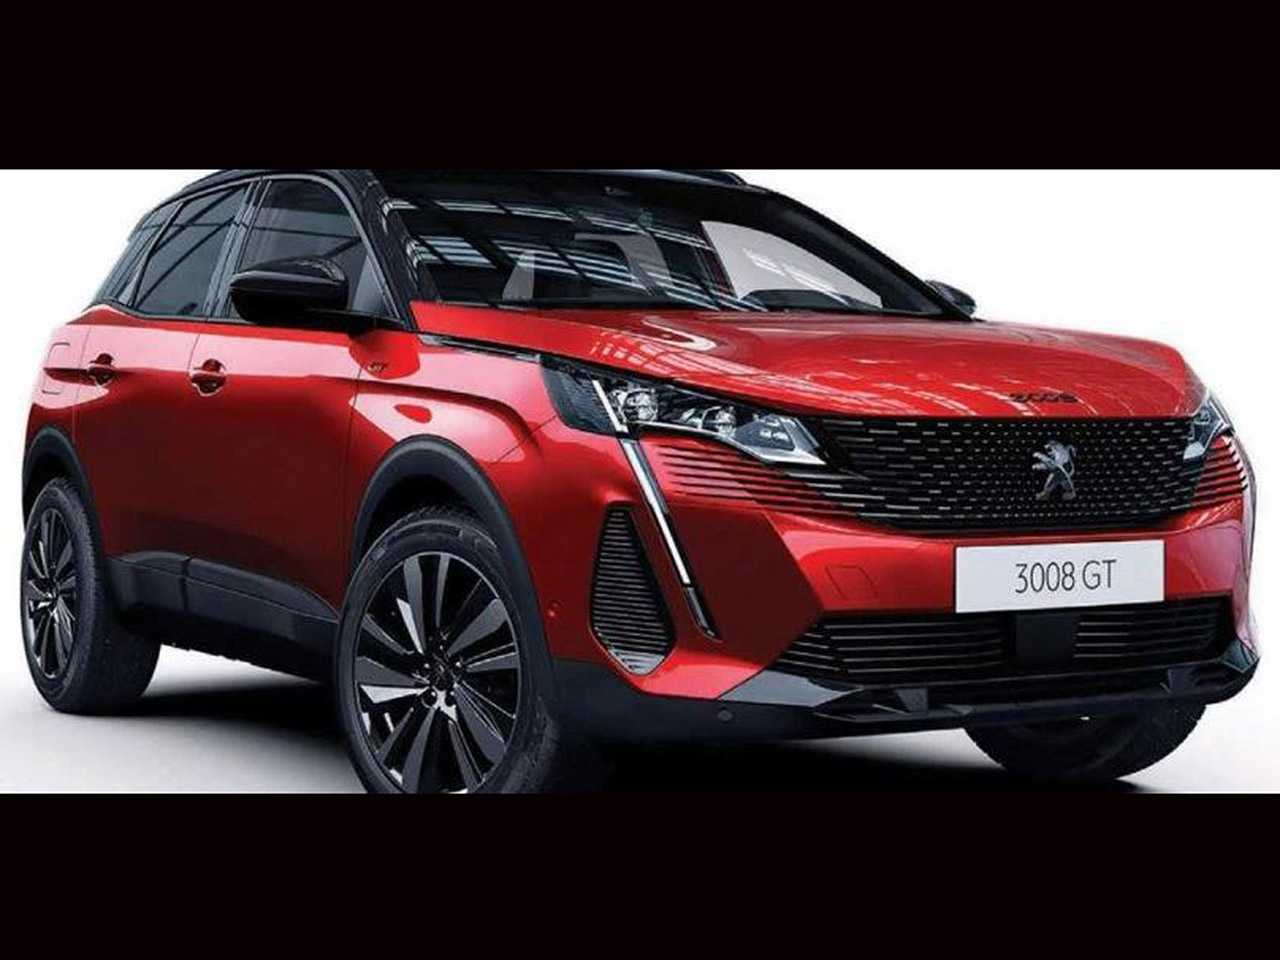 Imagem antecipando de forma definitiva o facelift para o Peugeot 3008